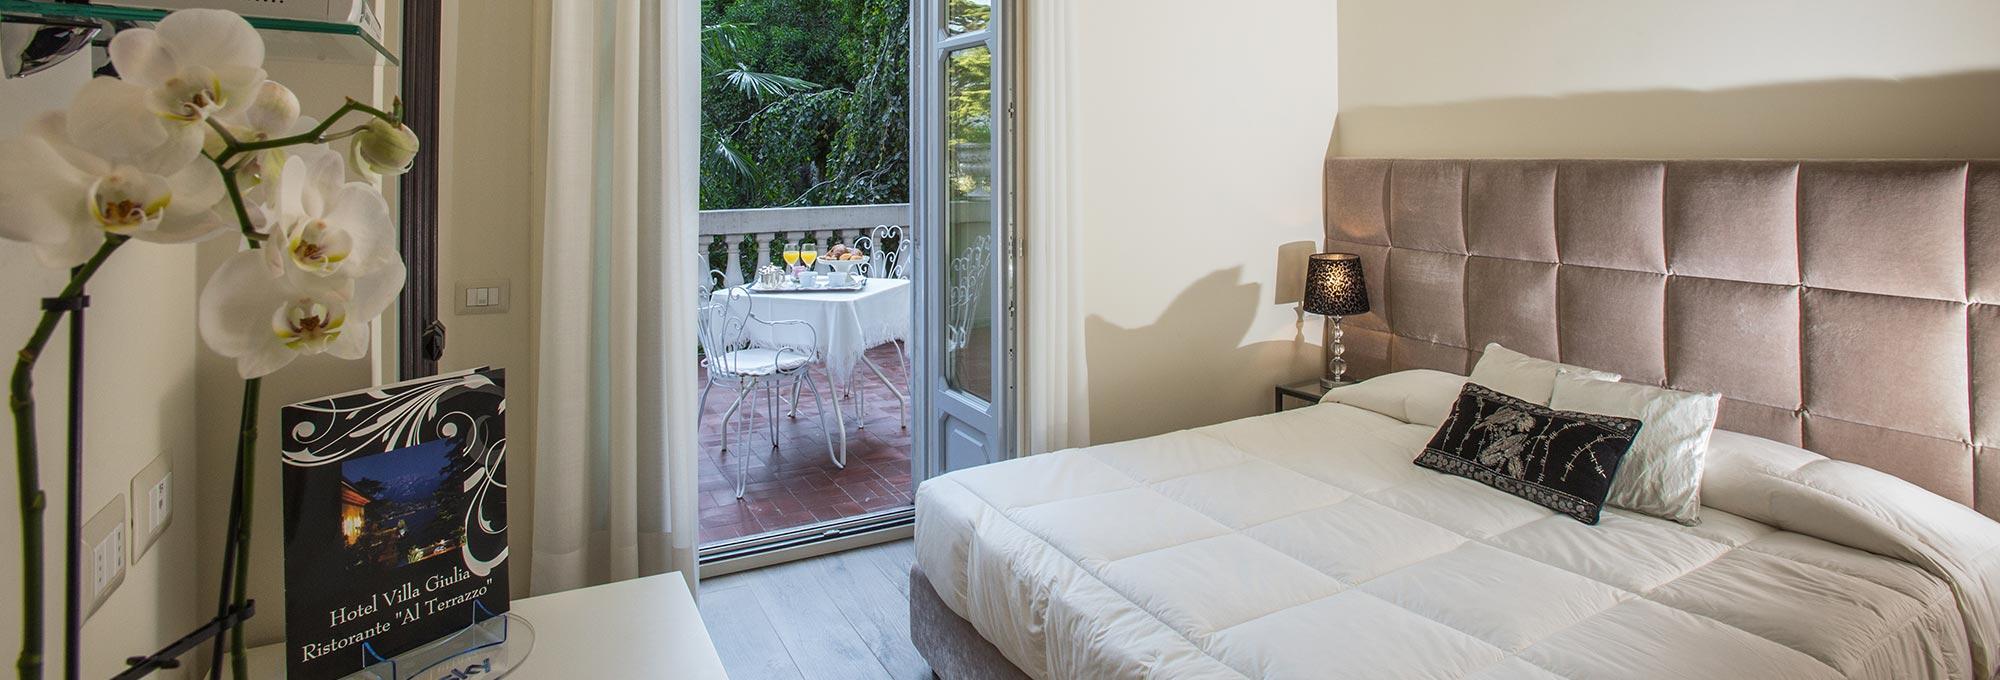 Hotel Villa Giulia Lecco - Camera Classic